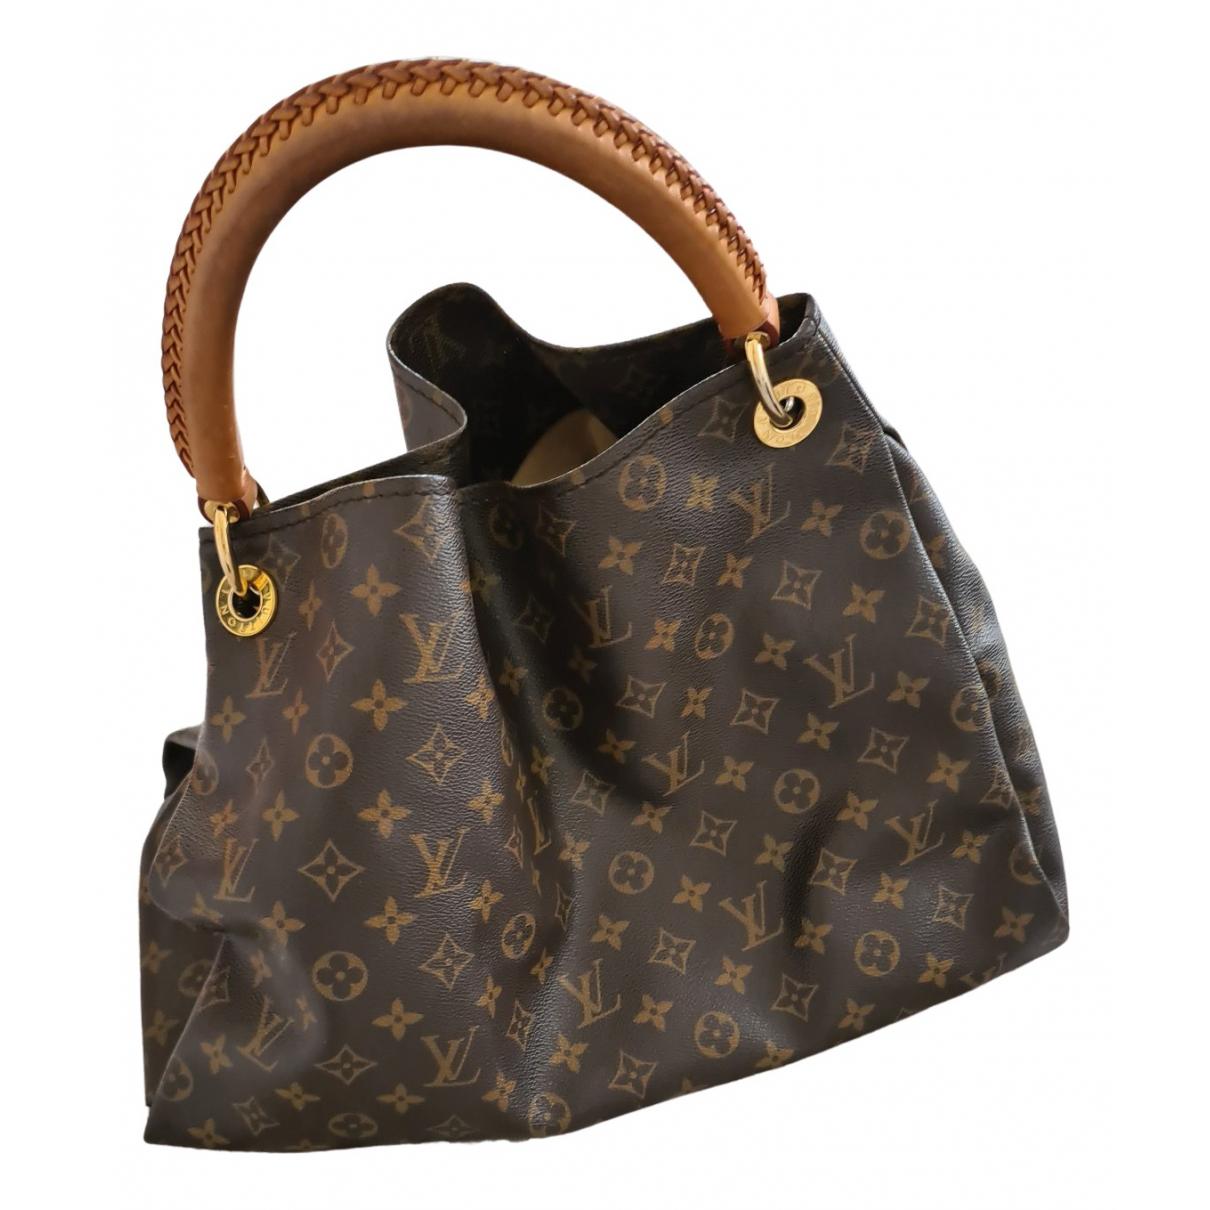 Louis Vuitton Artsy Handtasche in  Braun Leinen